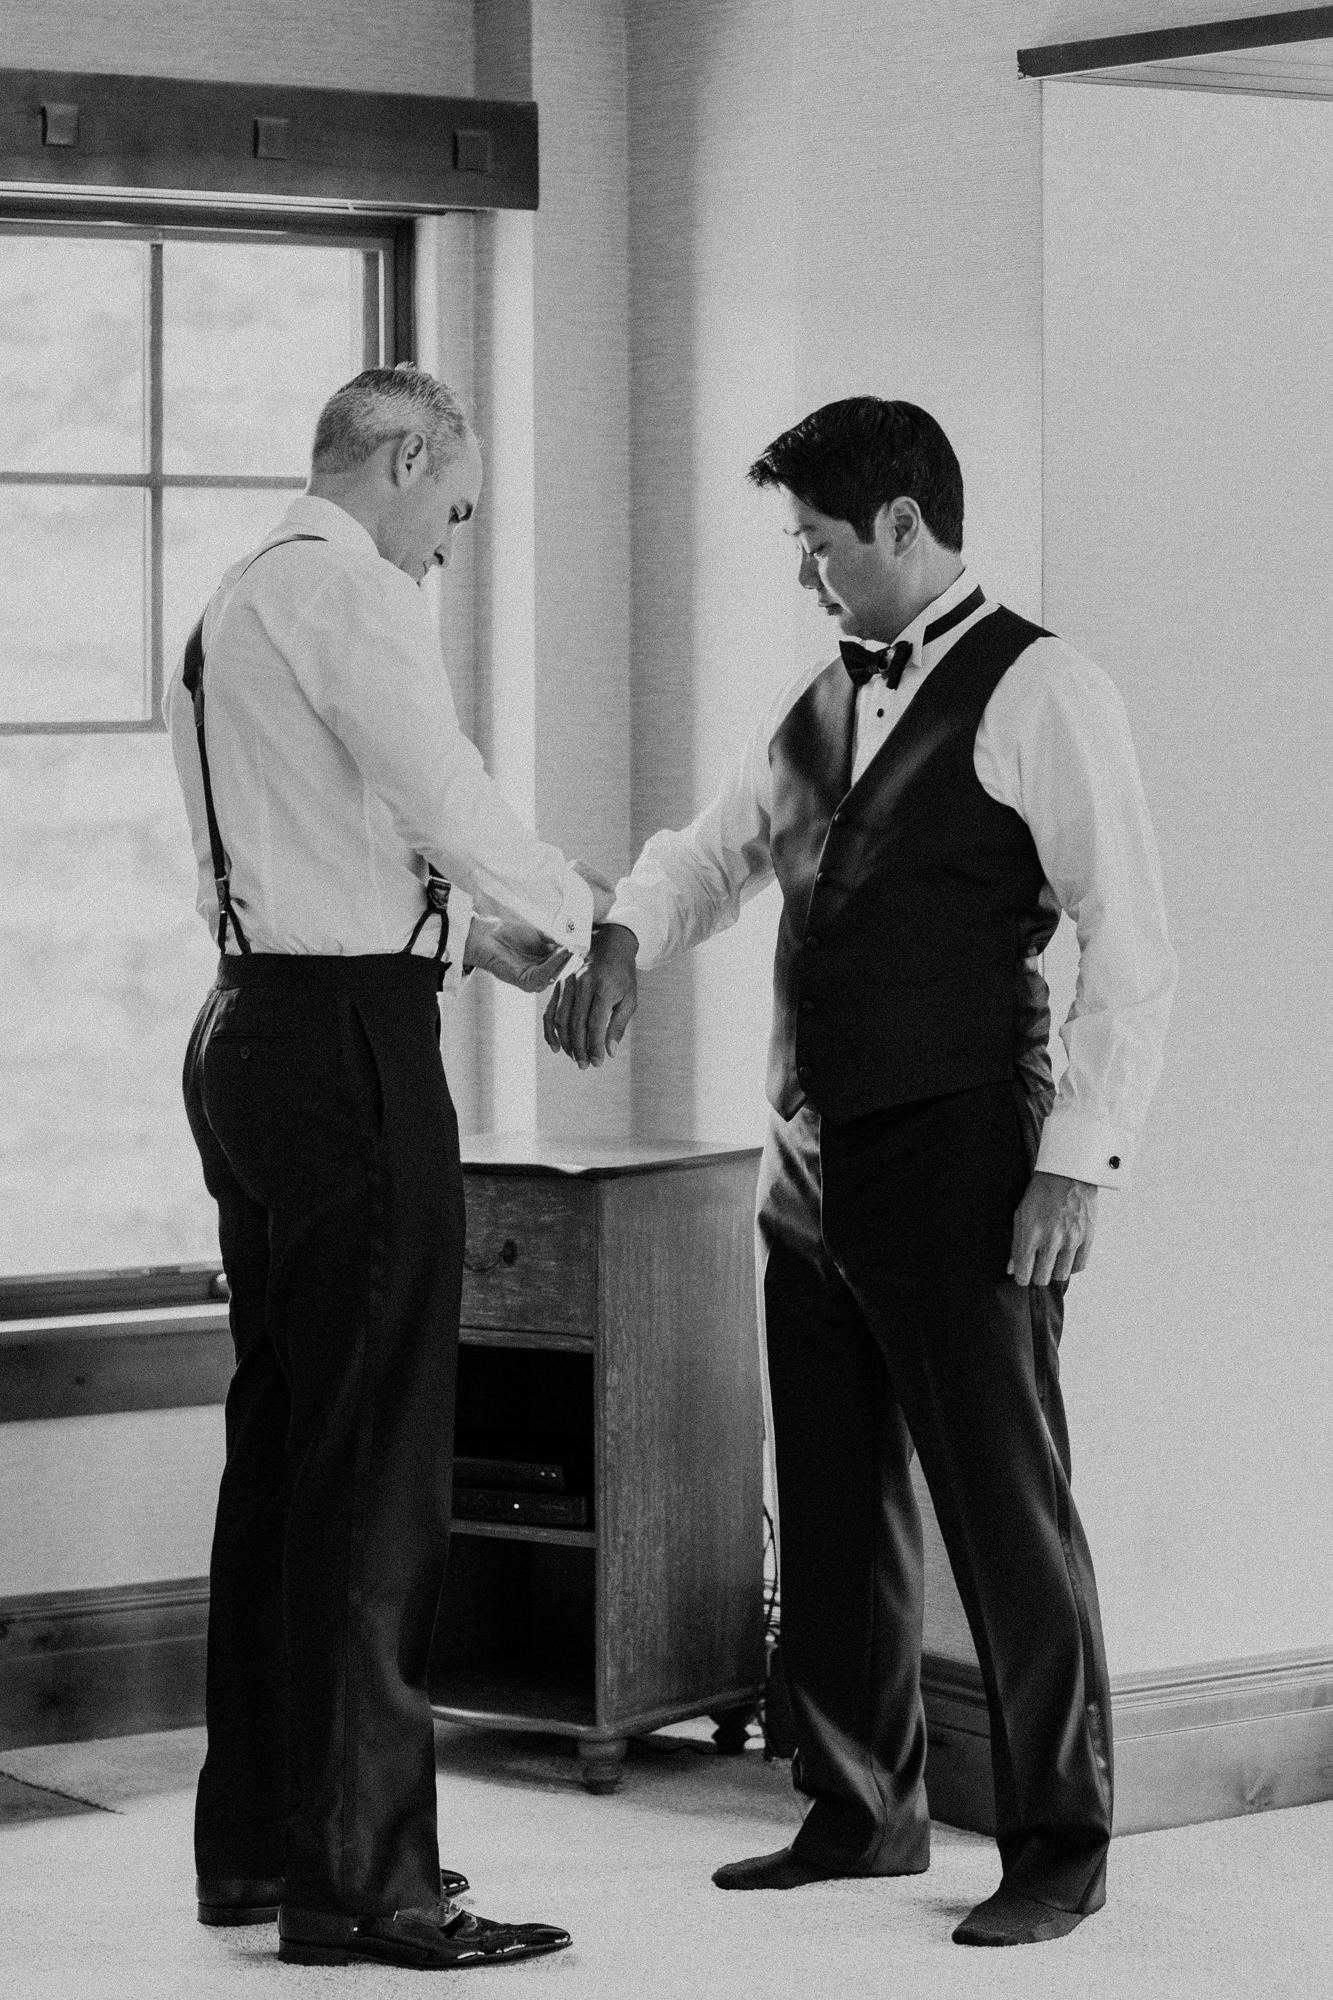 stein-eriksen-wedding-photographer-3.jpg